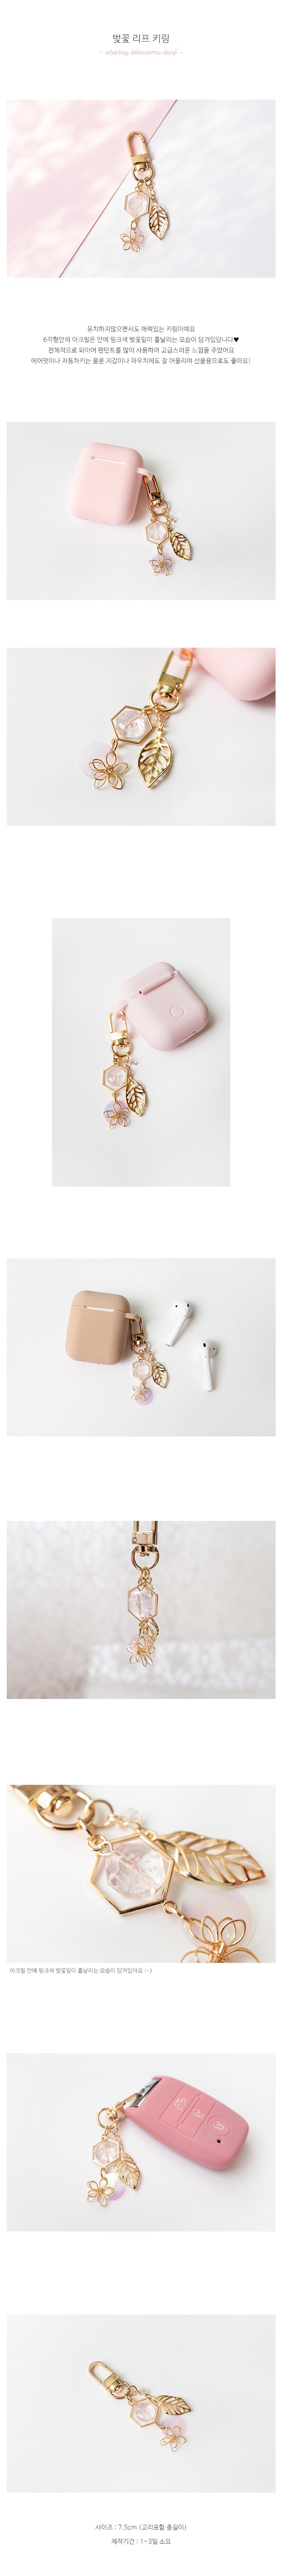 벚꽃 리프 에어팟 키링 - 루시엔도, 8,900원, 키링/키홀더, 키링